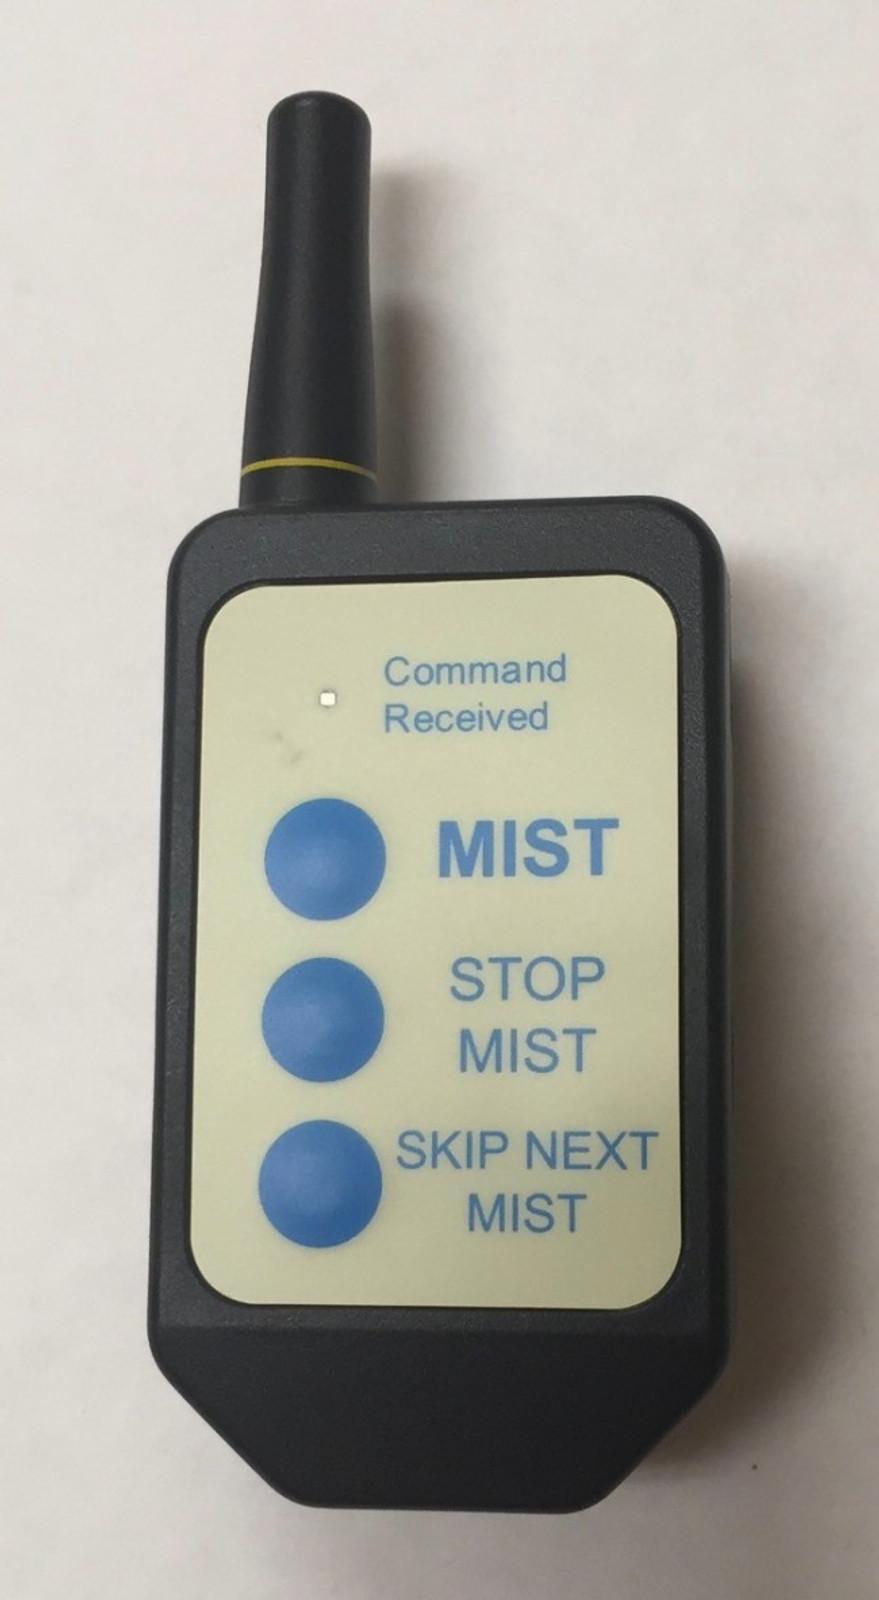 iMist2 Retrofit Kit